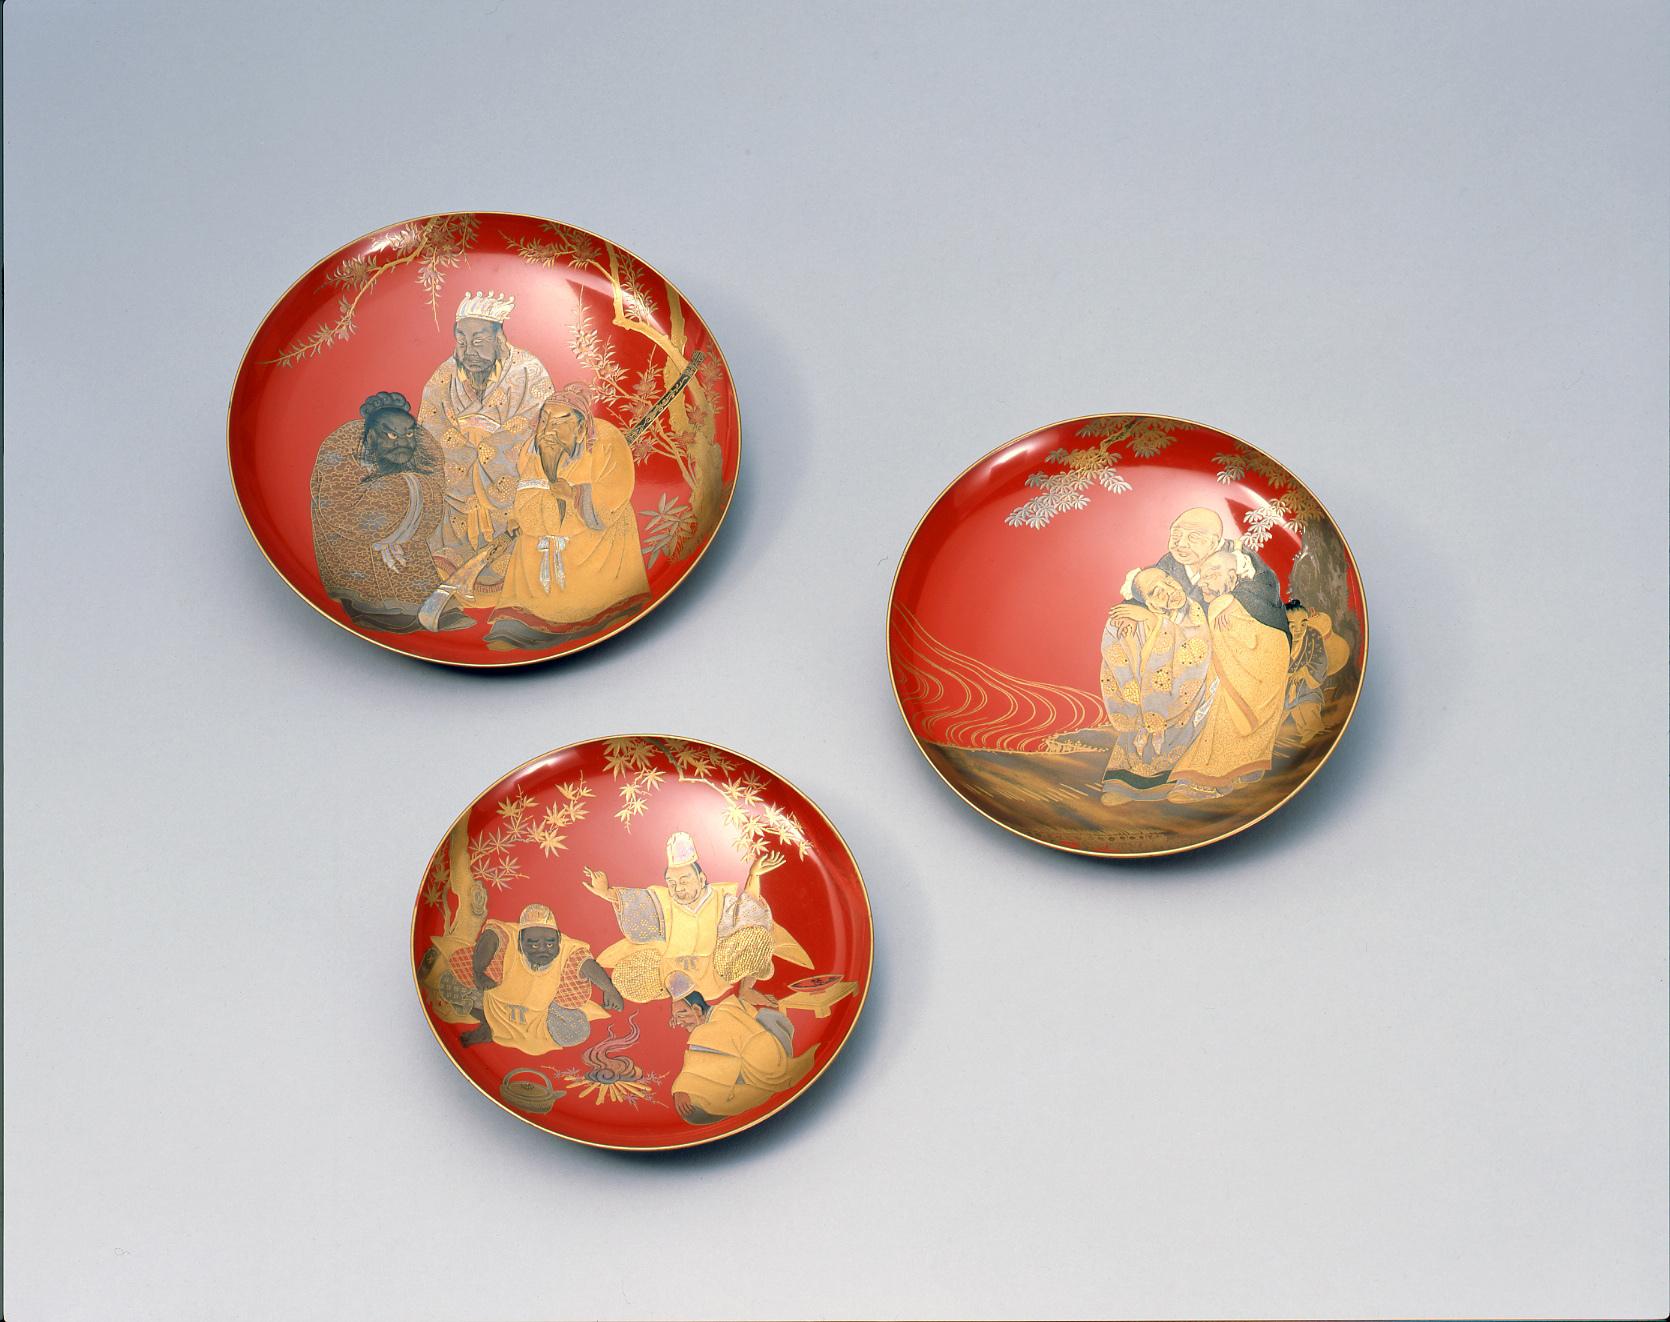 「人物蒔絵三つ組盃」 江戸時代(18~19世紀) 静嘉堂文庫美術館蔵 前期展示